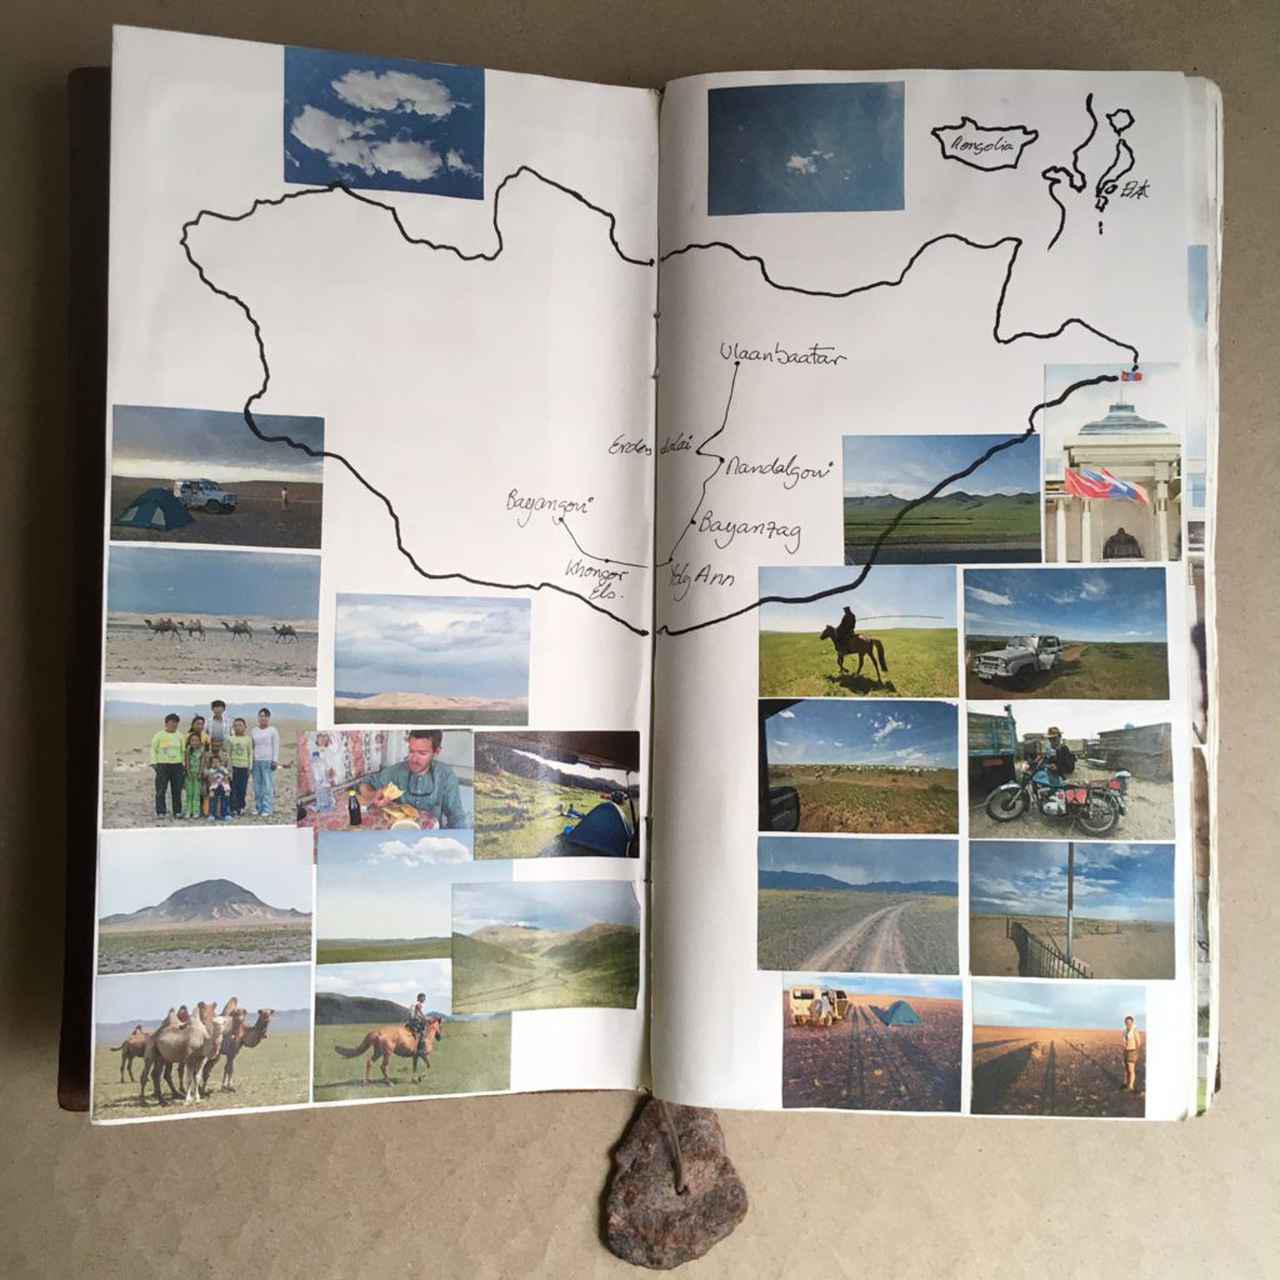 画像3: 旅行中に集めた写真やものを組み合わせ、ページをつくっていく